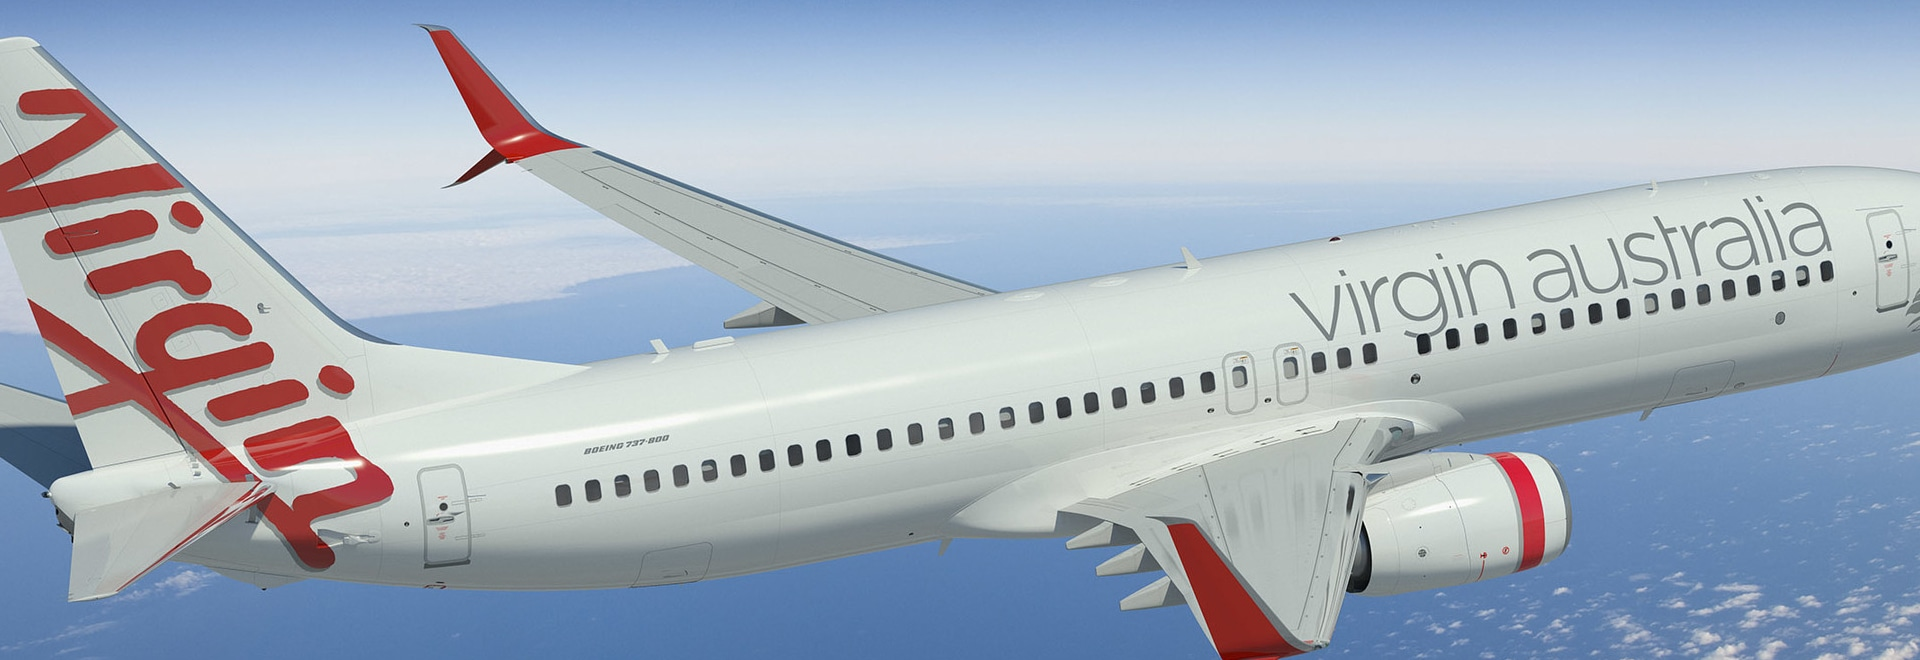 Virgin Australia lance les winglets scimitar split sur les avions de Boeing